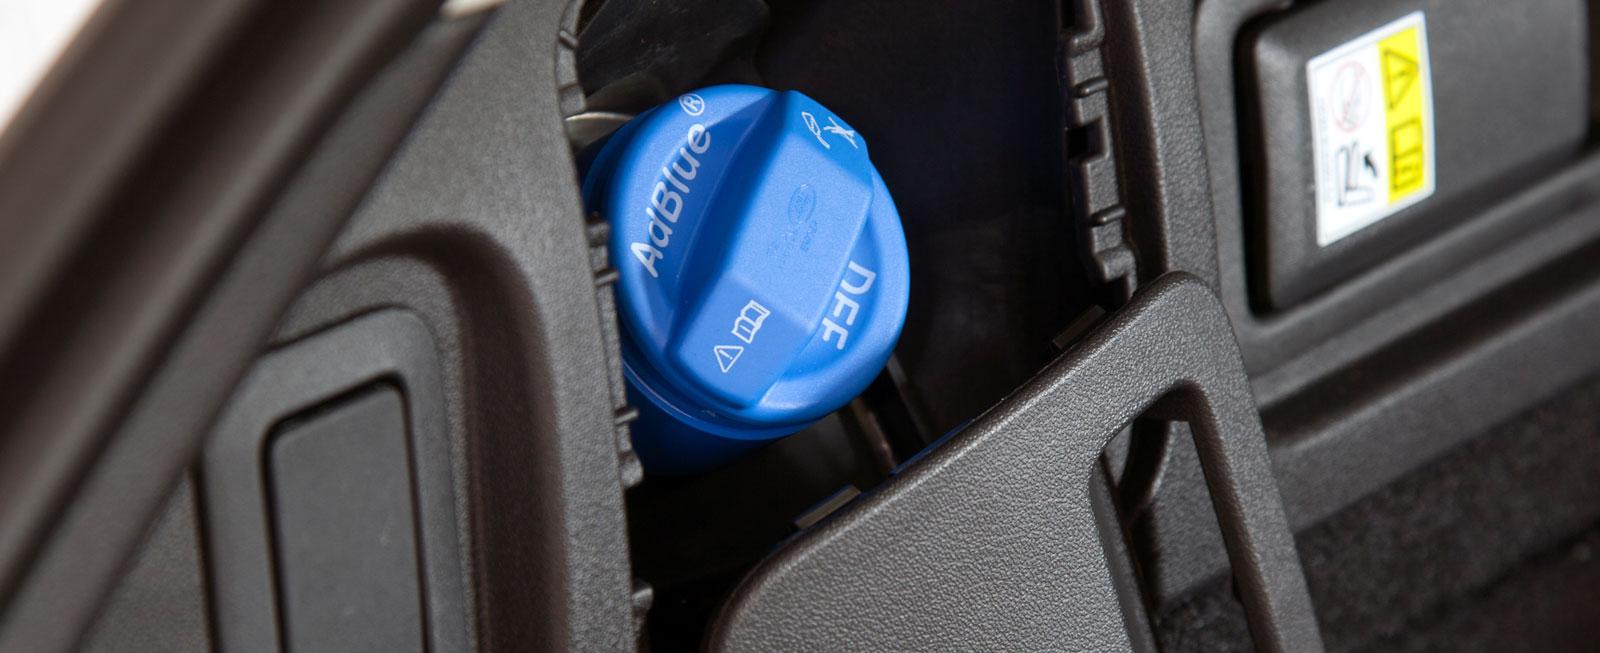 Påfyllningen för AdBlue är ovanligt nog placerad i bagageutrymmets sidopanel. I Audi och Mercedes-Benz finns den bakom tankluckan.